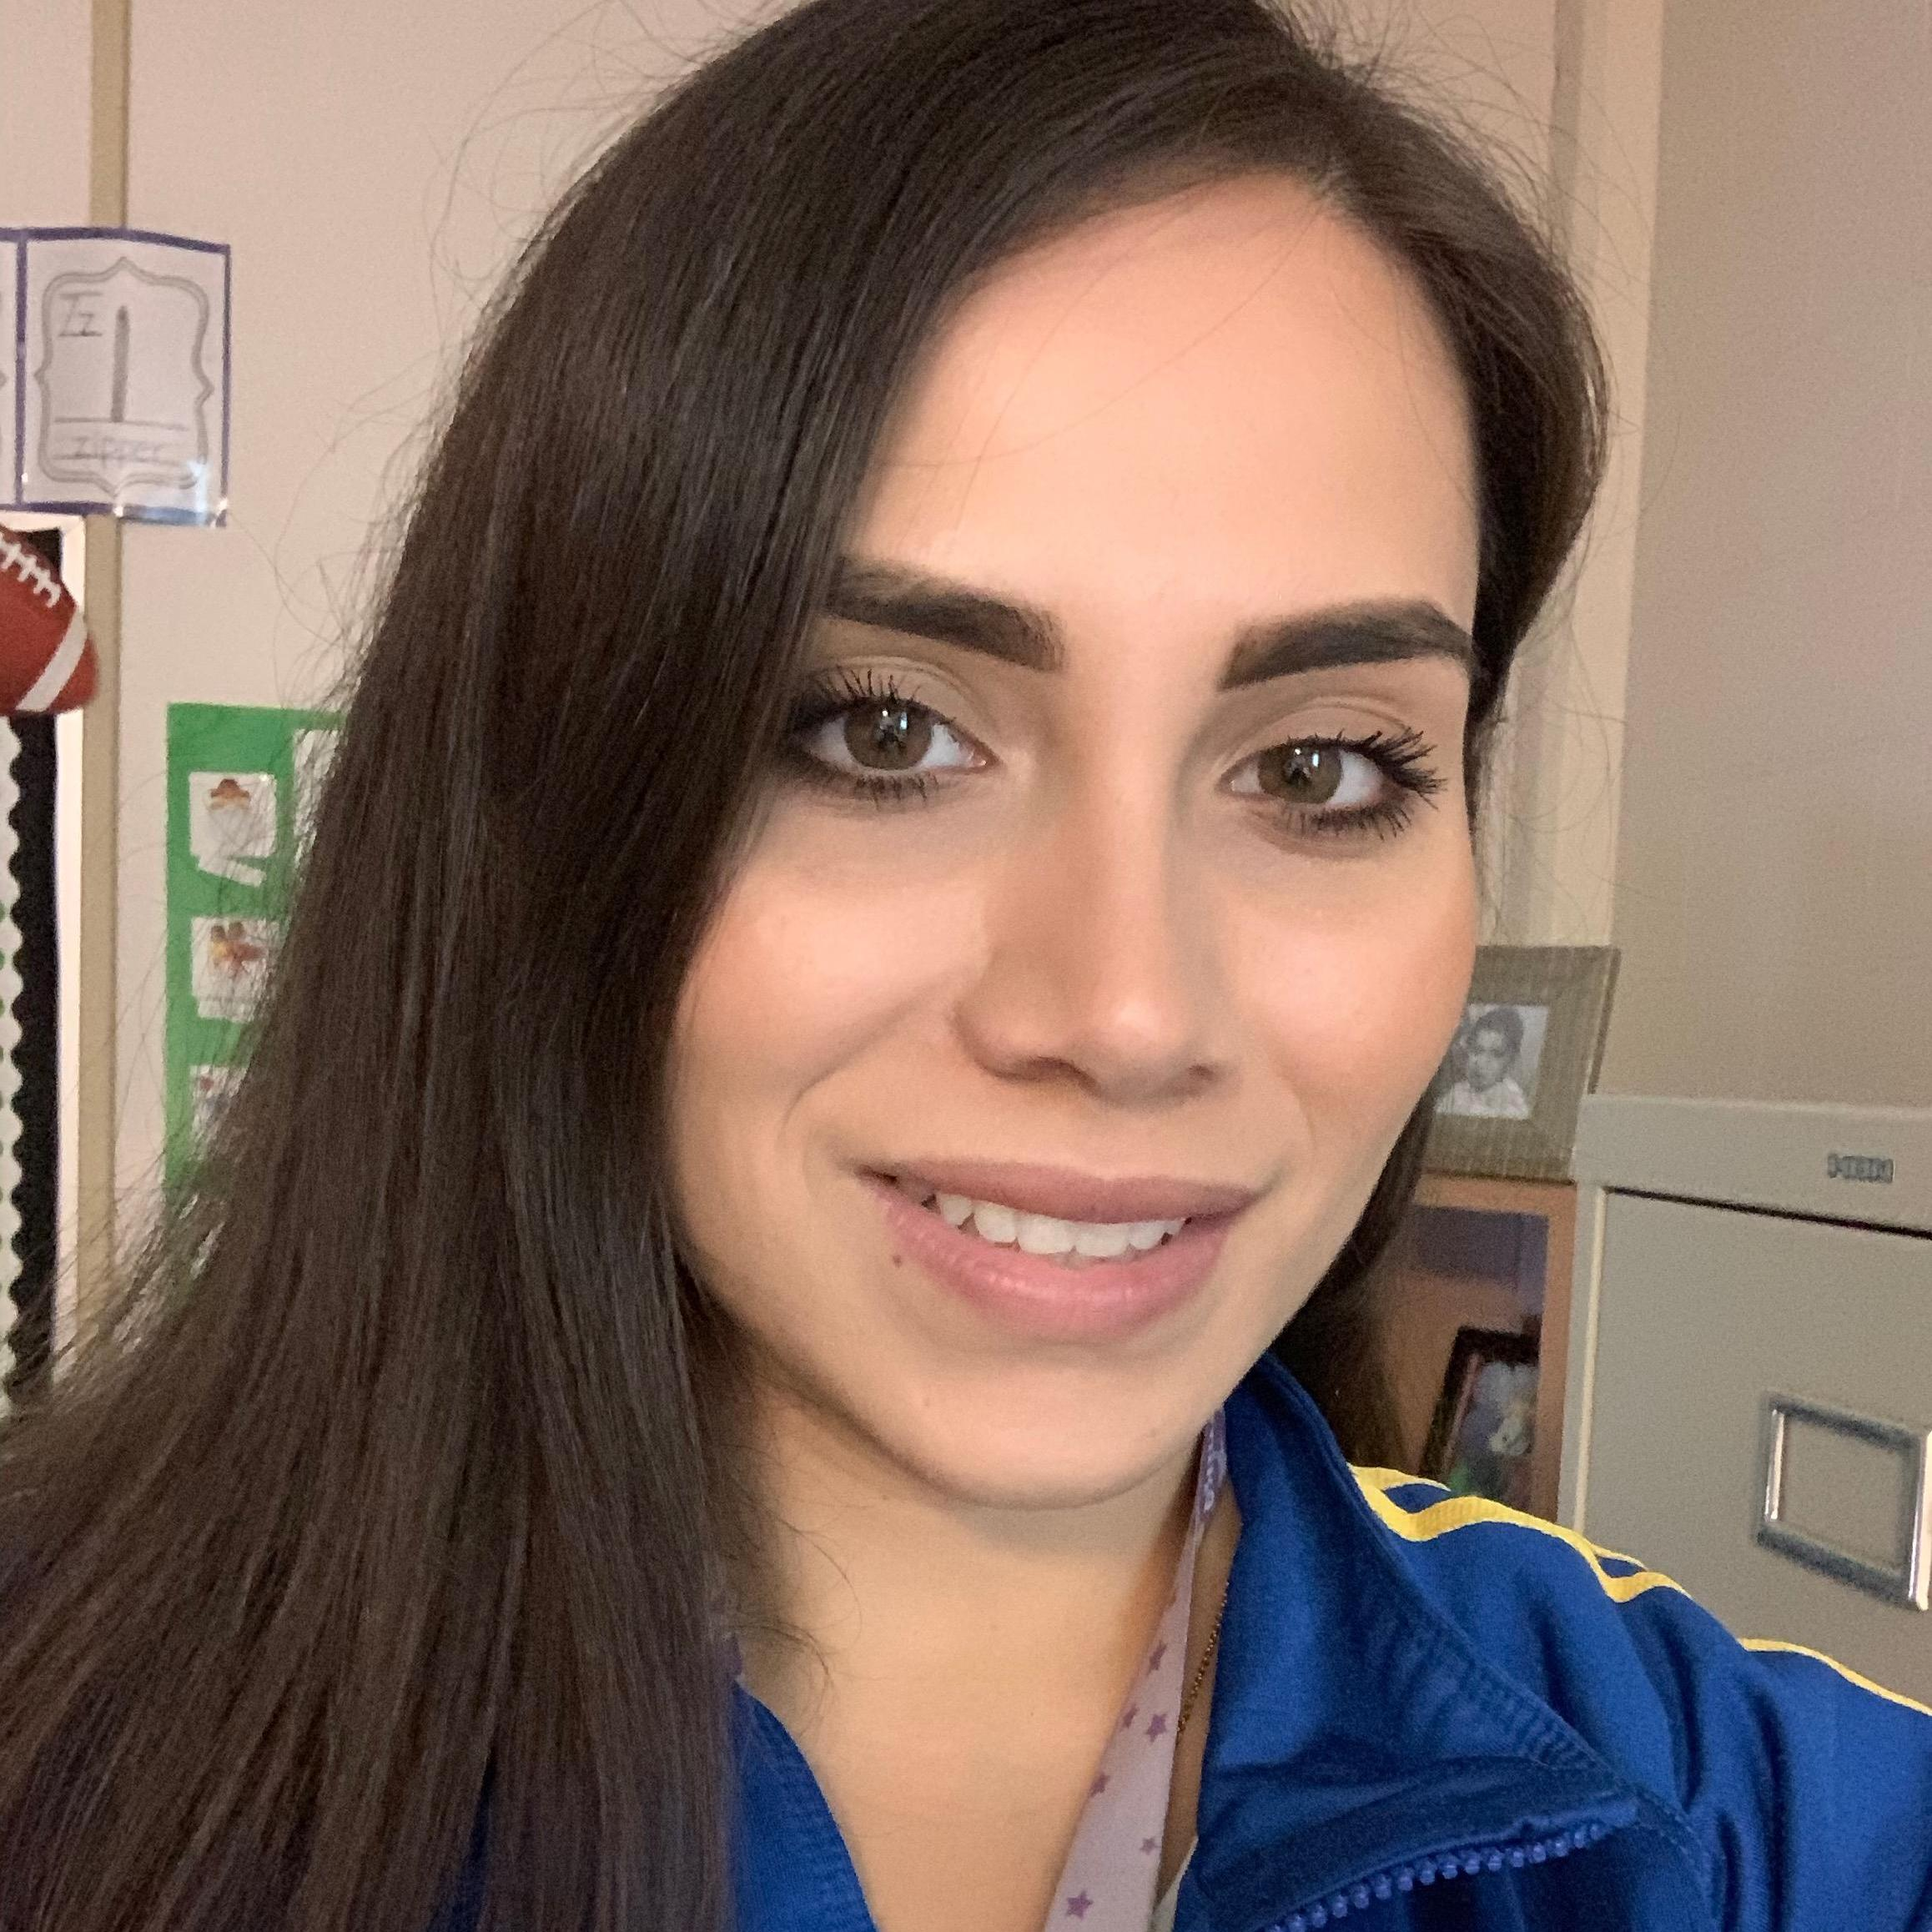 grecia zavala's Profile Photo